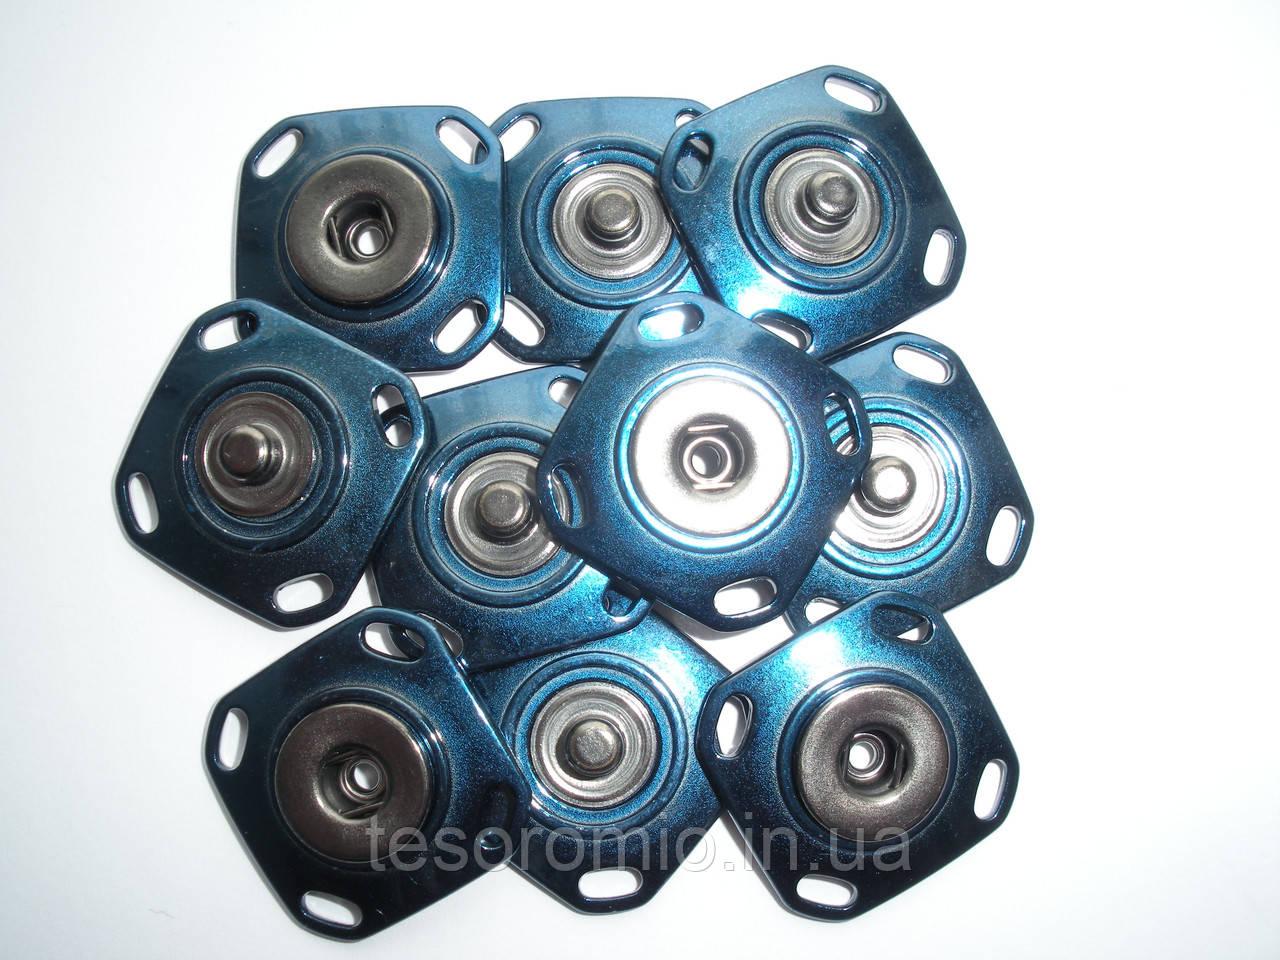 Кнопка пришивная, эмалированная, синяя, 28мм